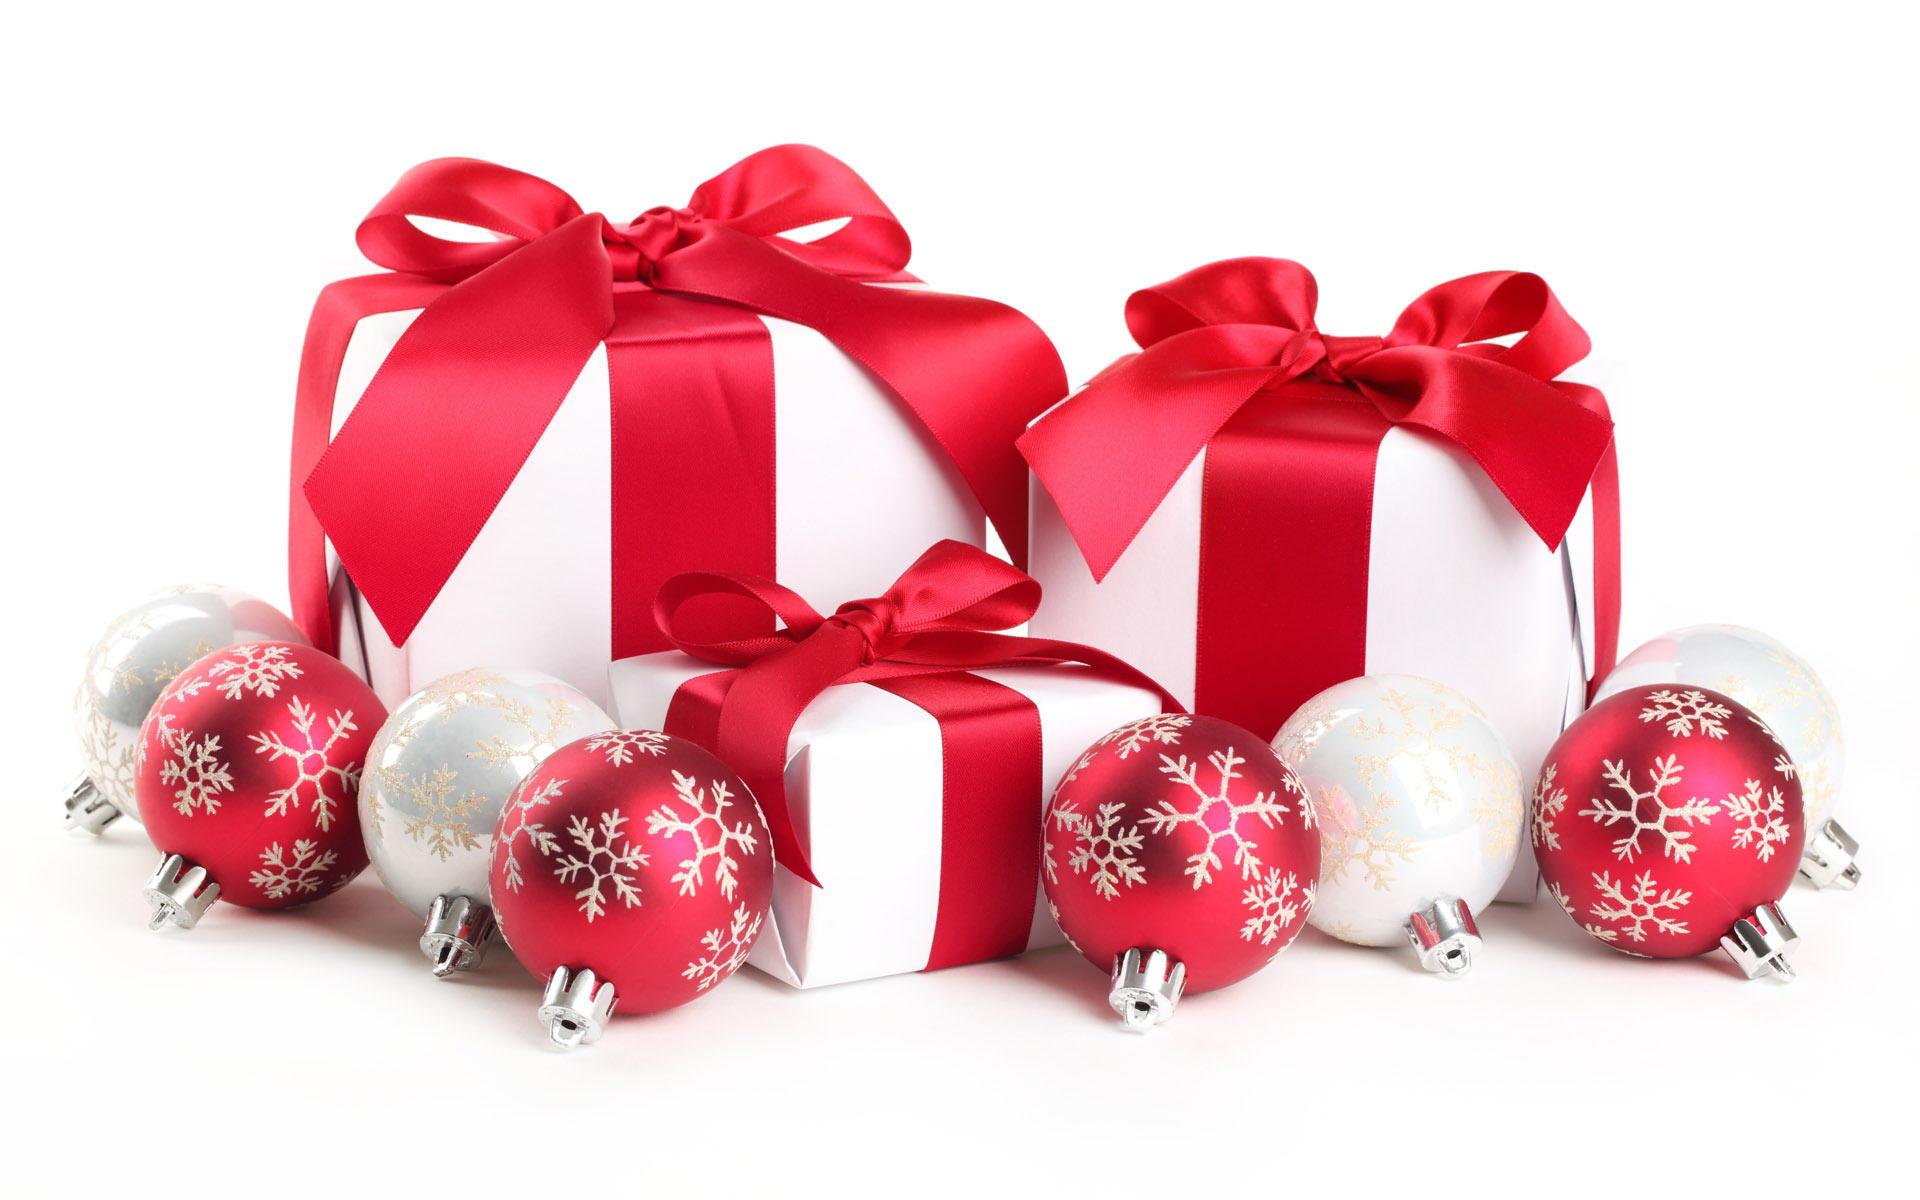 Sfondi natale sfondi regali di natale - Immagine di regali di natale ...